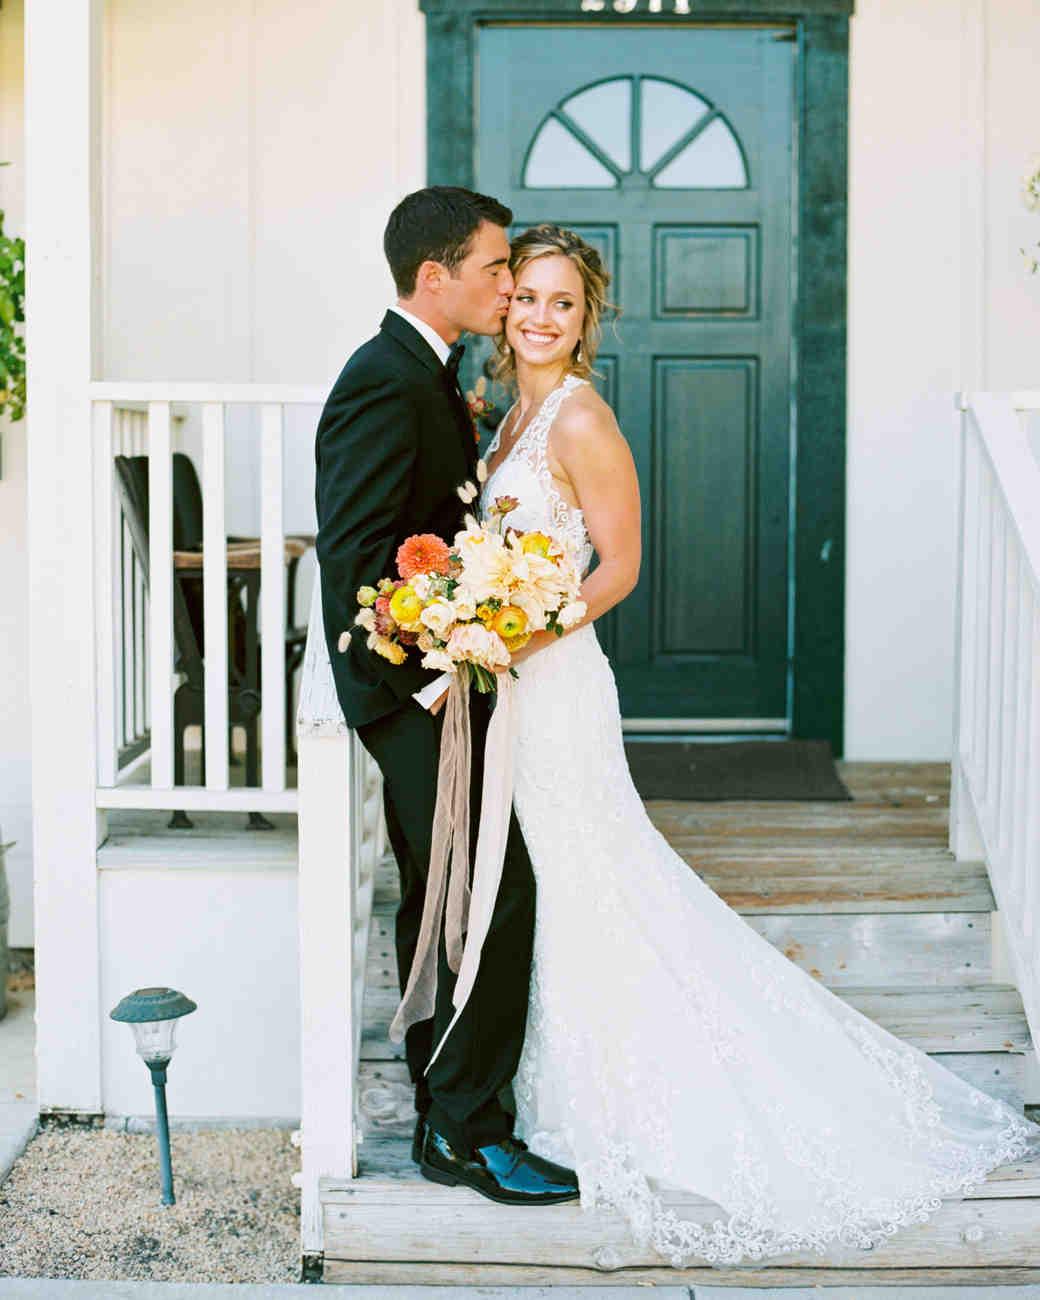 groom kisses bride on front porch steps